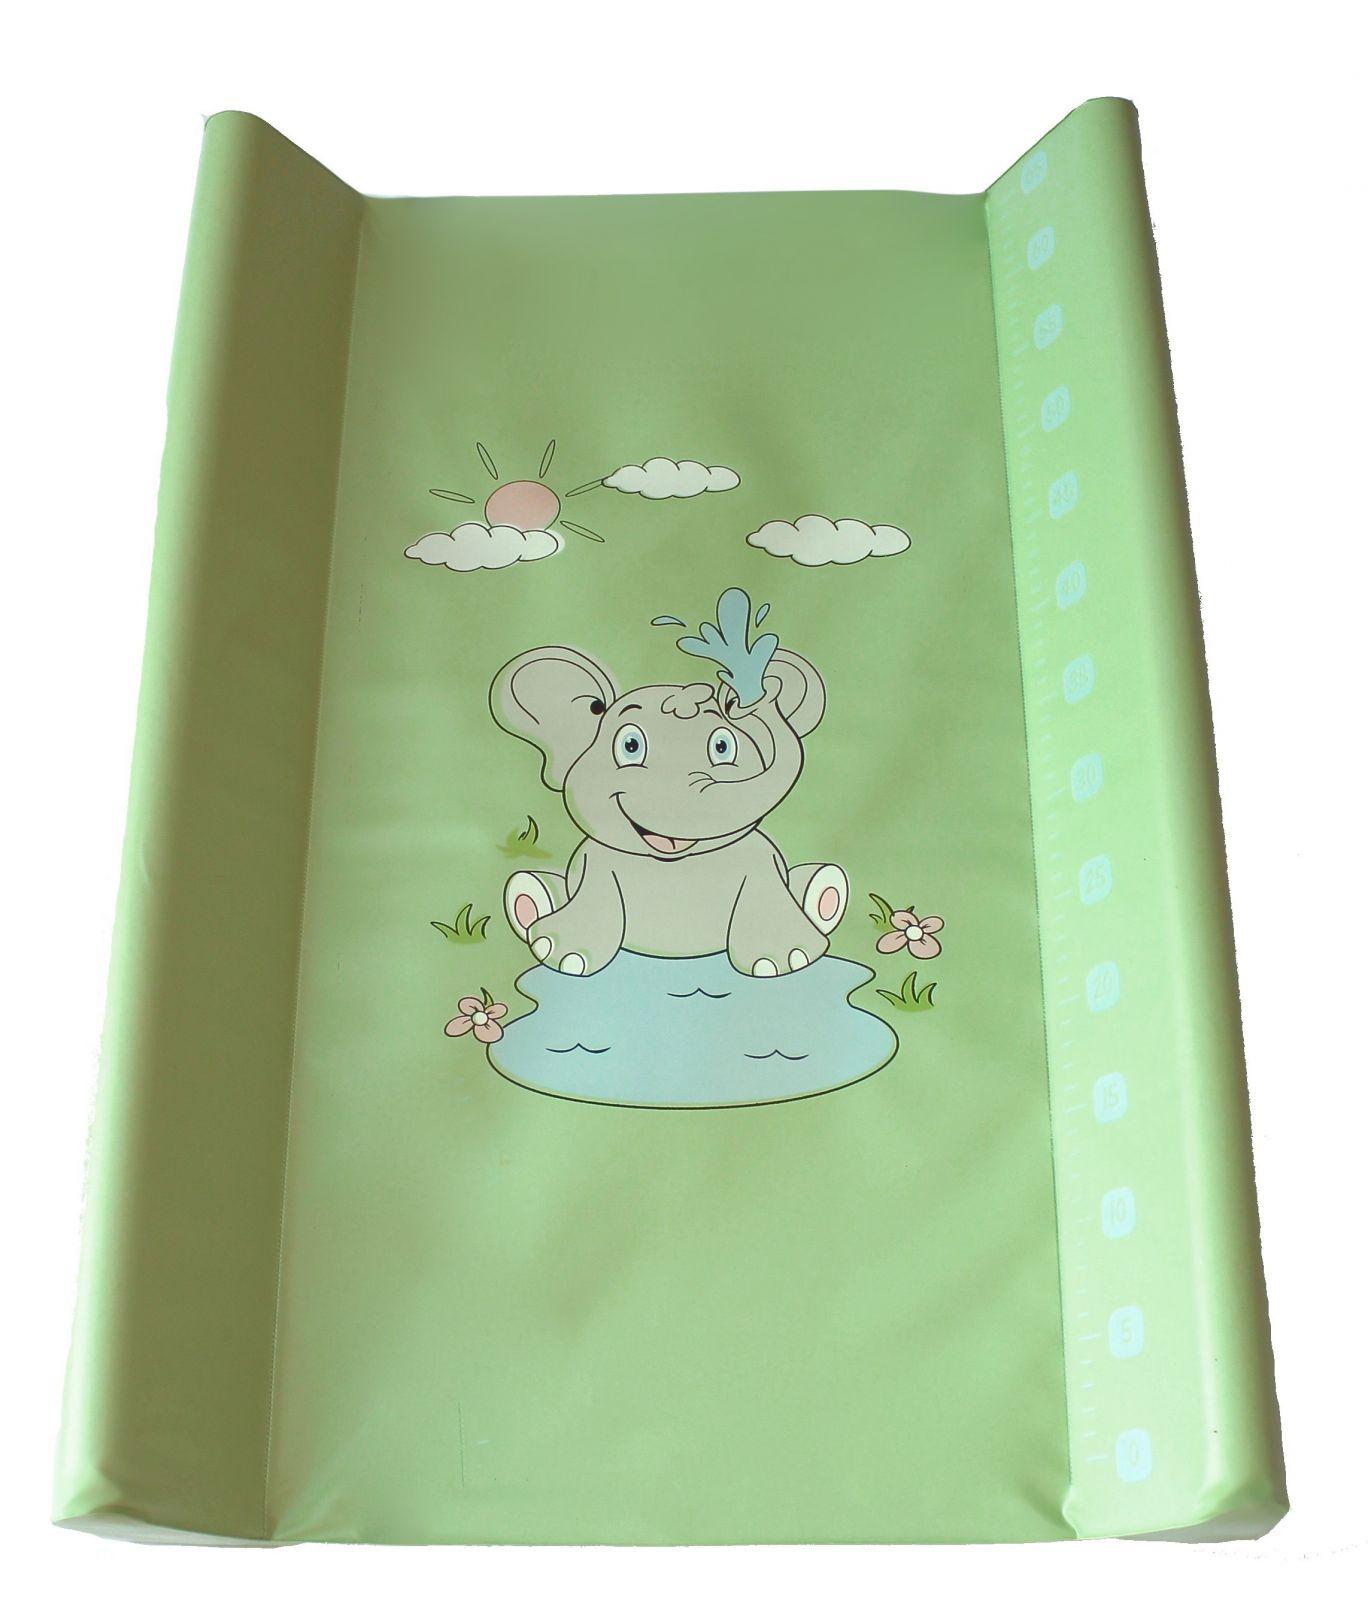 Přebalovací podložka Baby sky měkká 50x80 cm zelená sloník